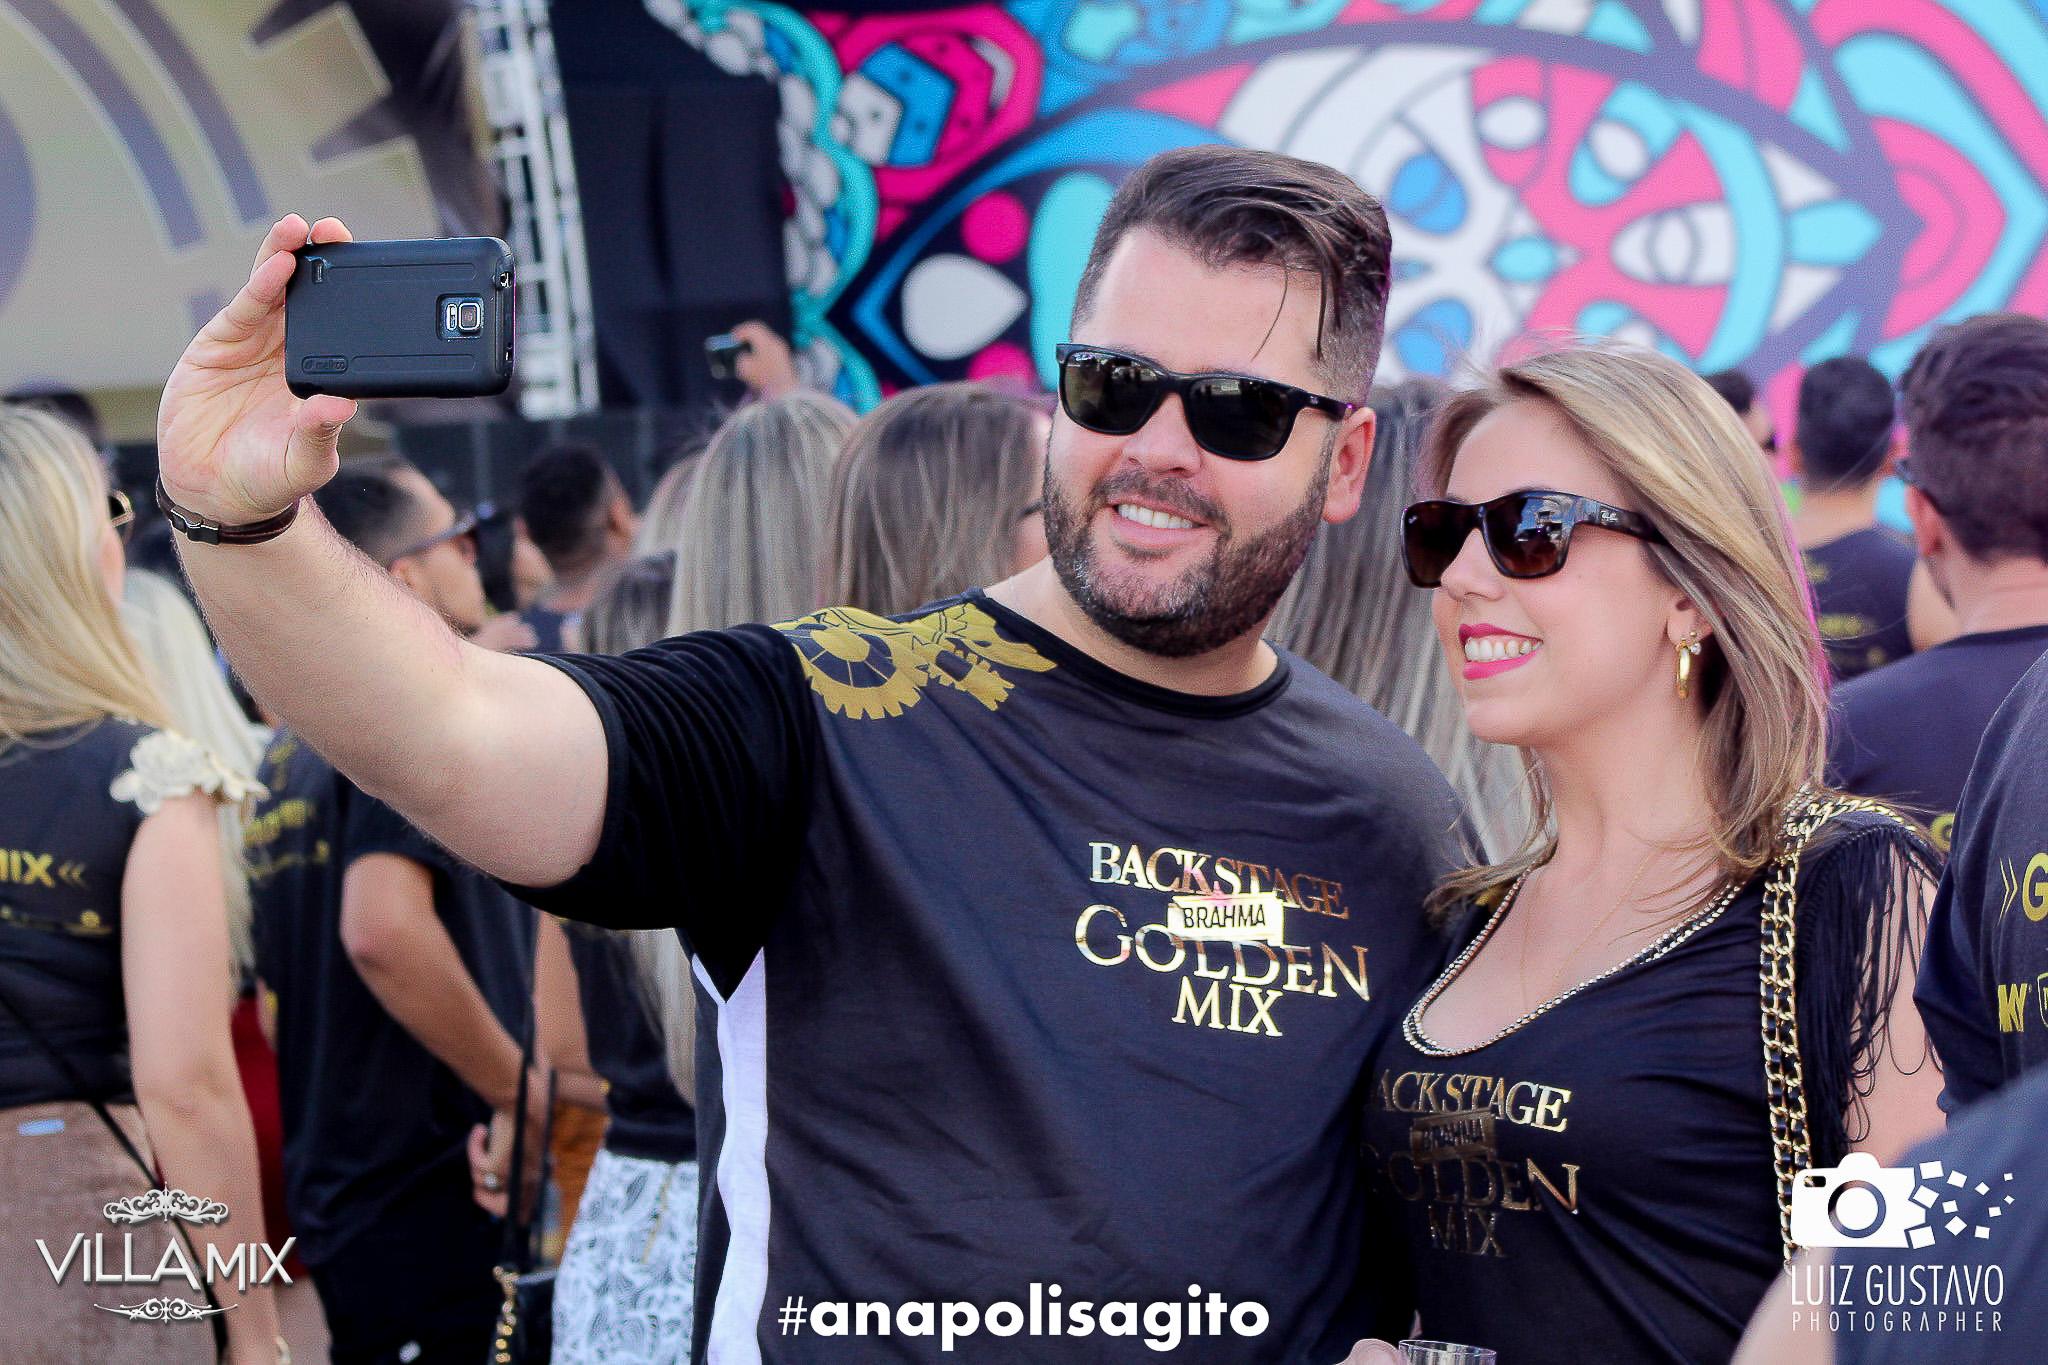 Luiz Gustavo Photographer (62 de 327)